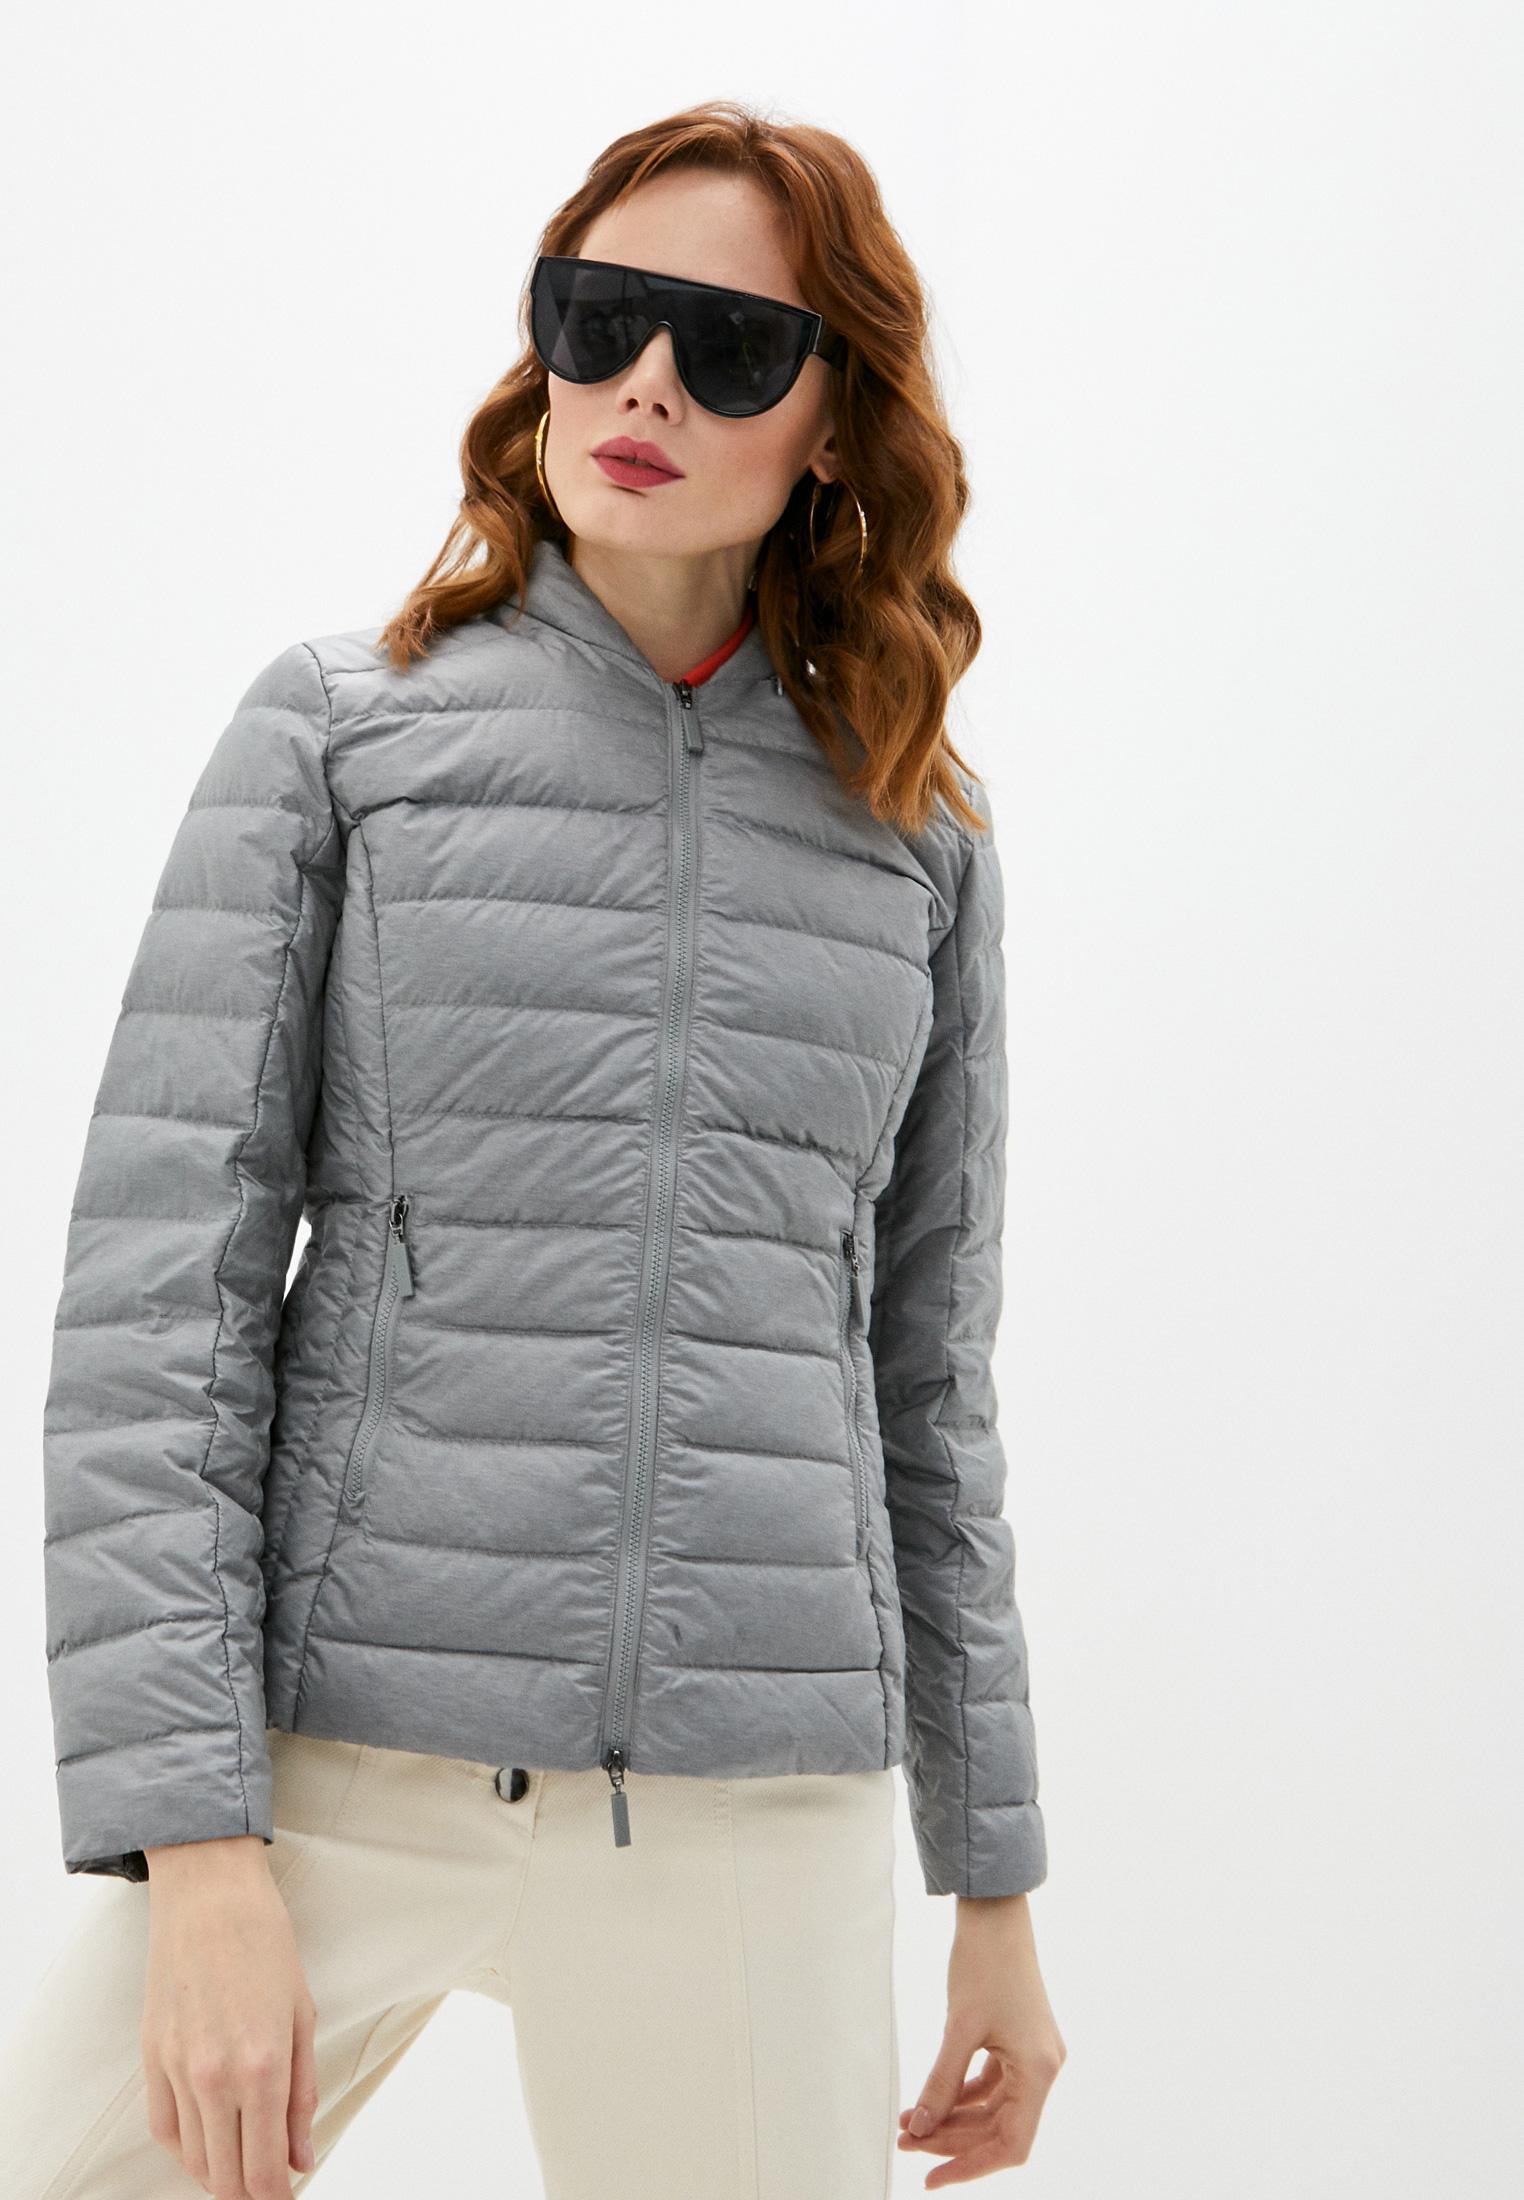 Утепленная куртка Armani Exchange Куртка утепленная Armani Exchange